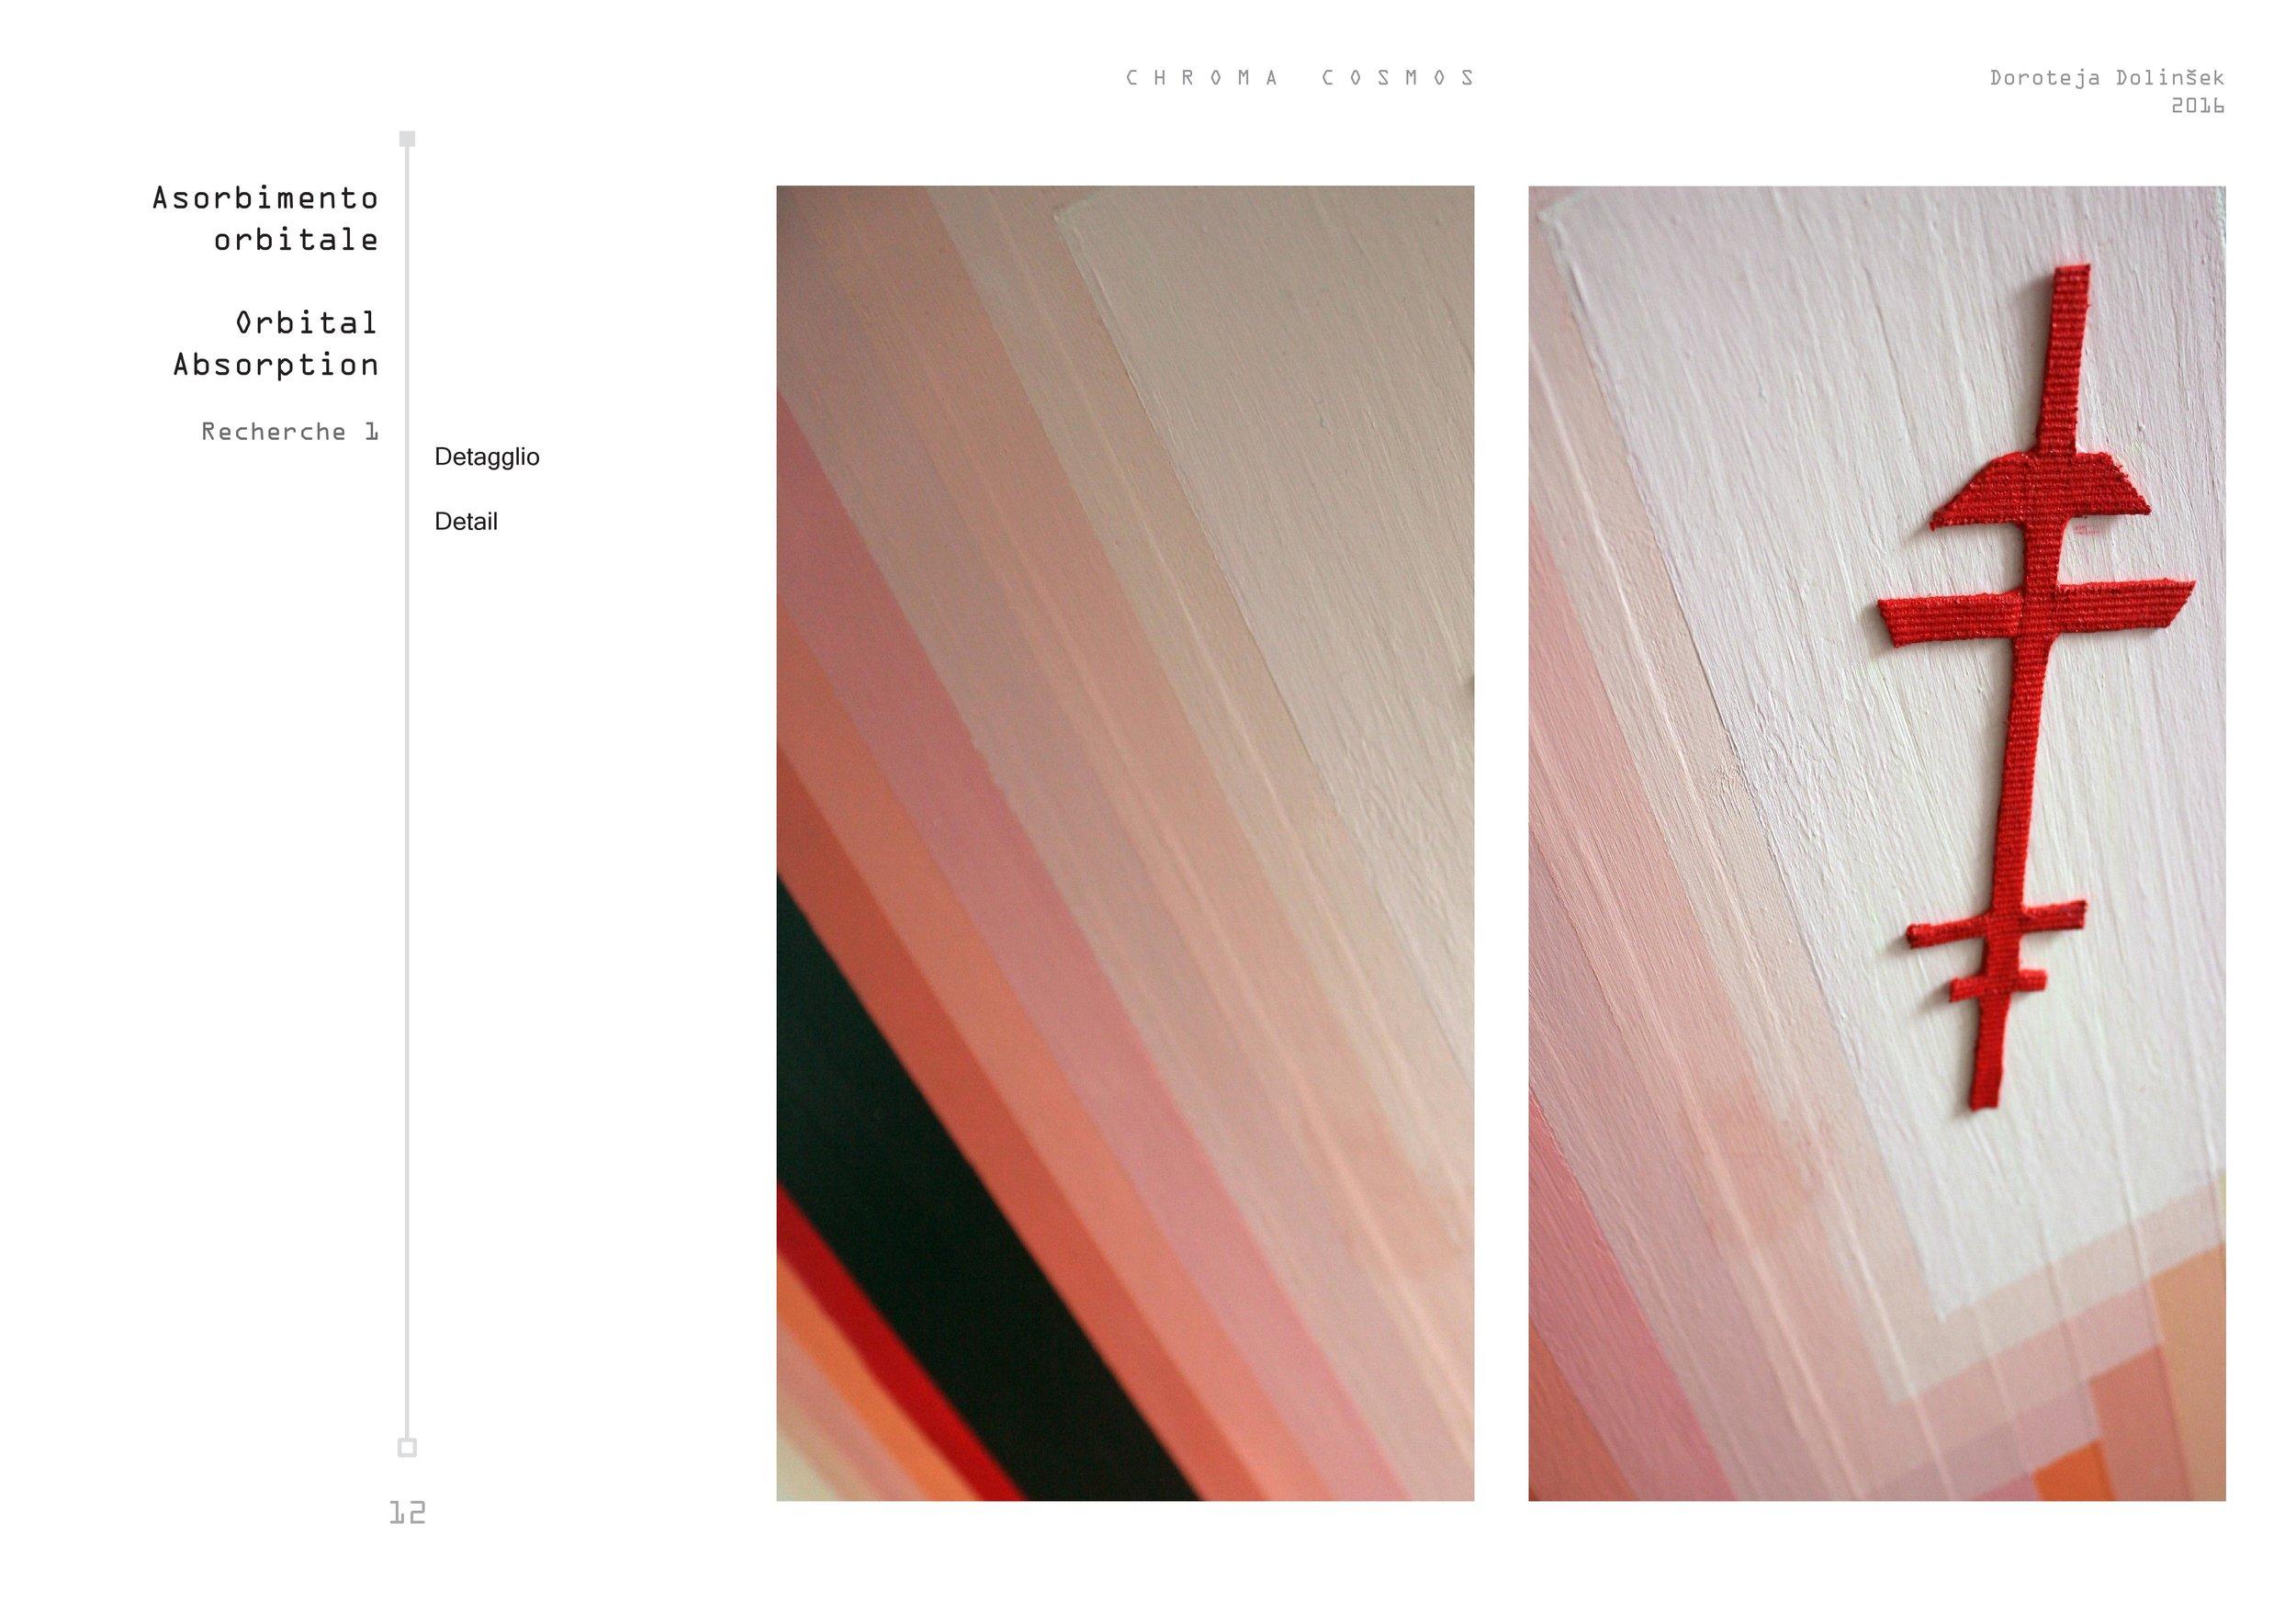 CHROMA COSMOS-page-012.jpg